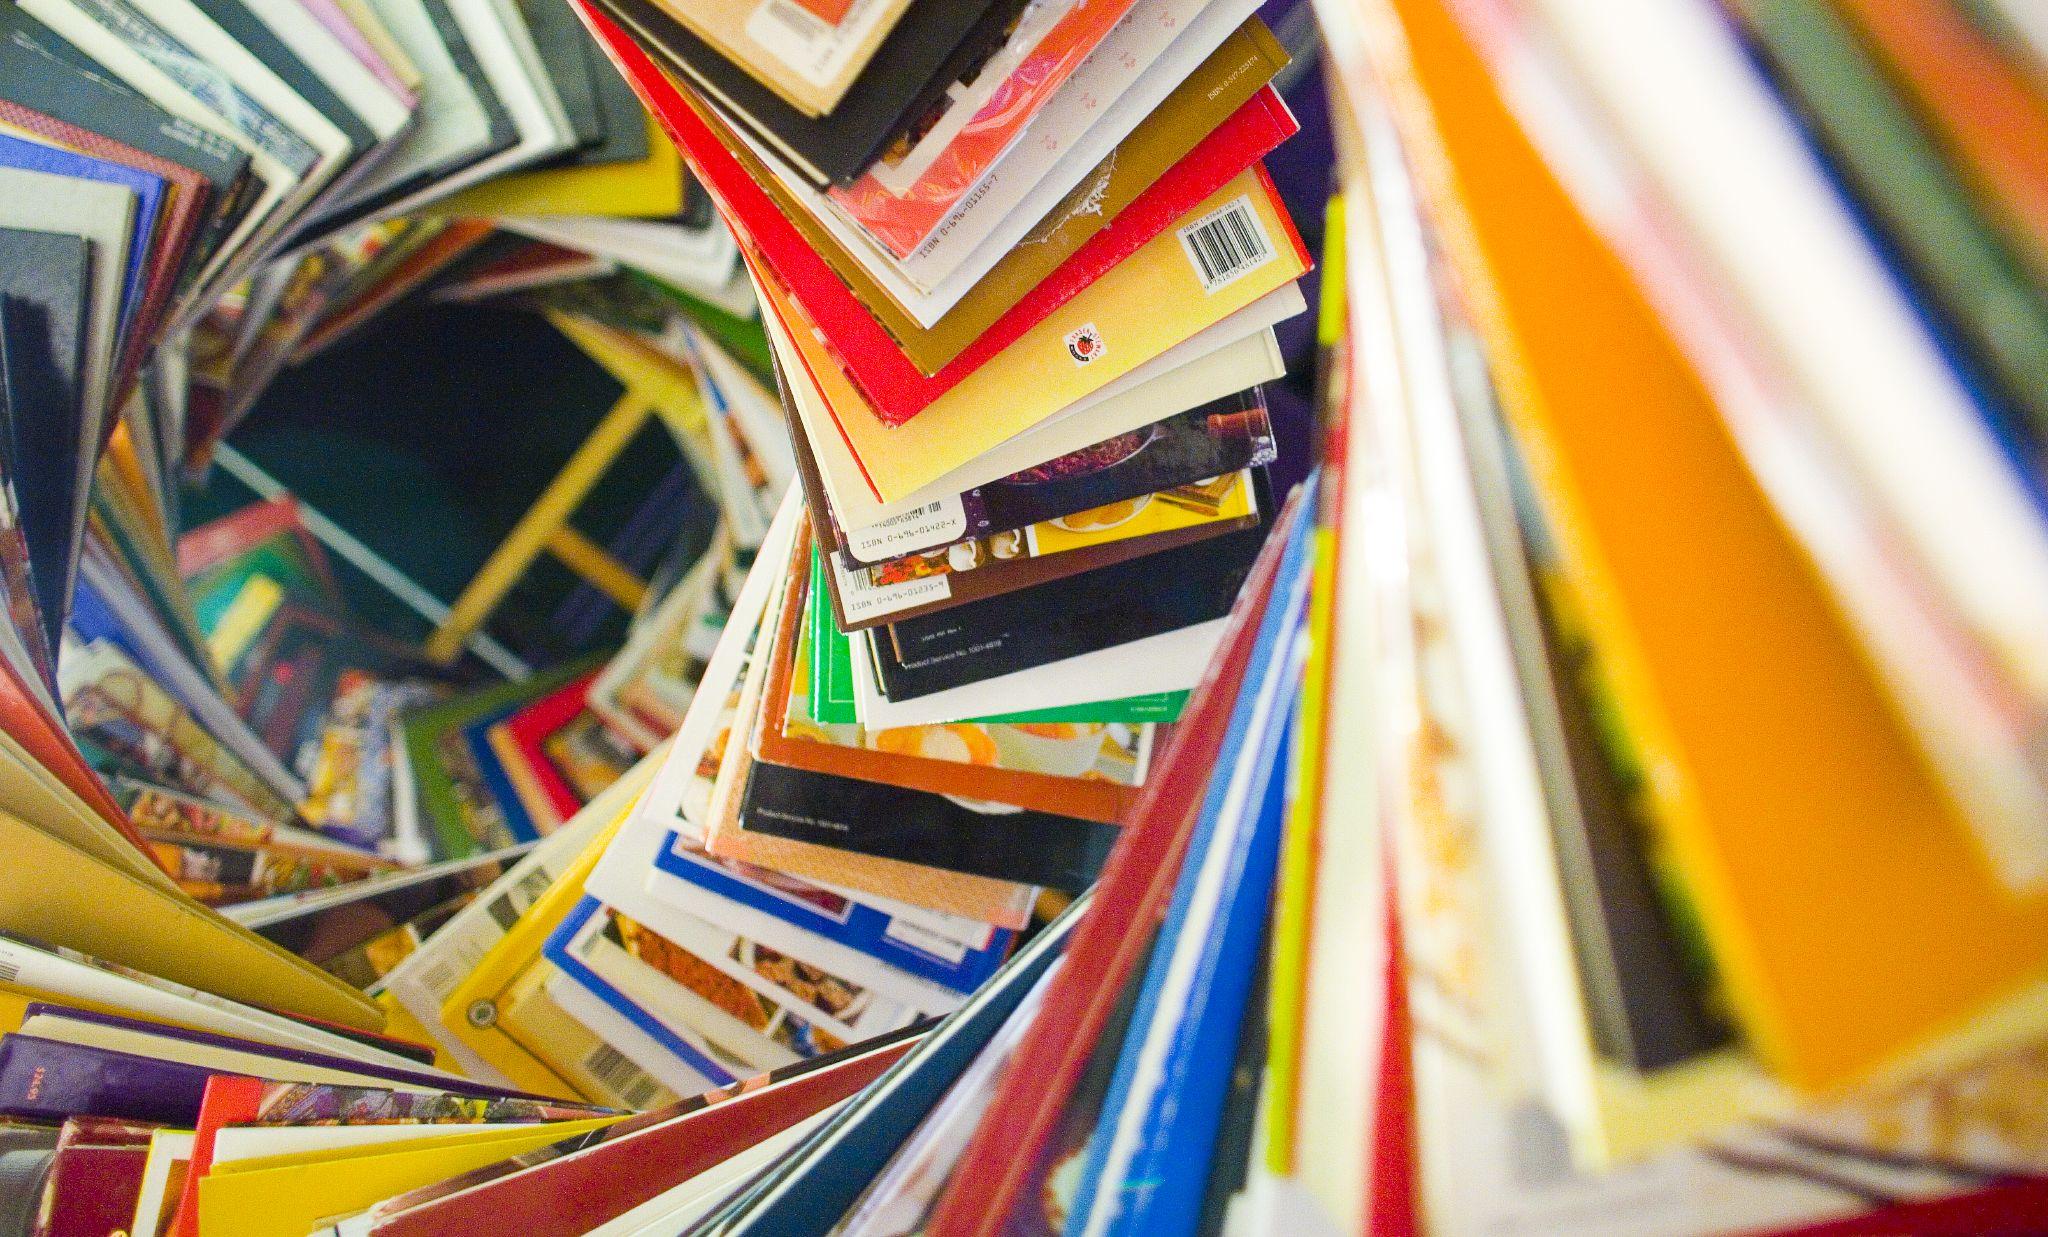 Boeken gestapeld in de vorm van een DNA helix